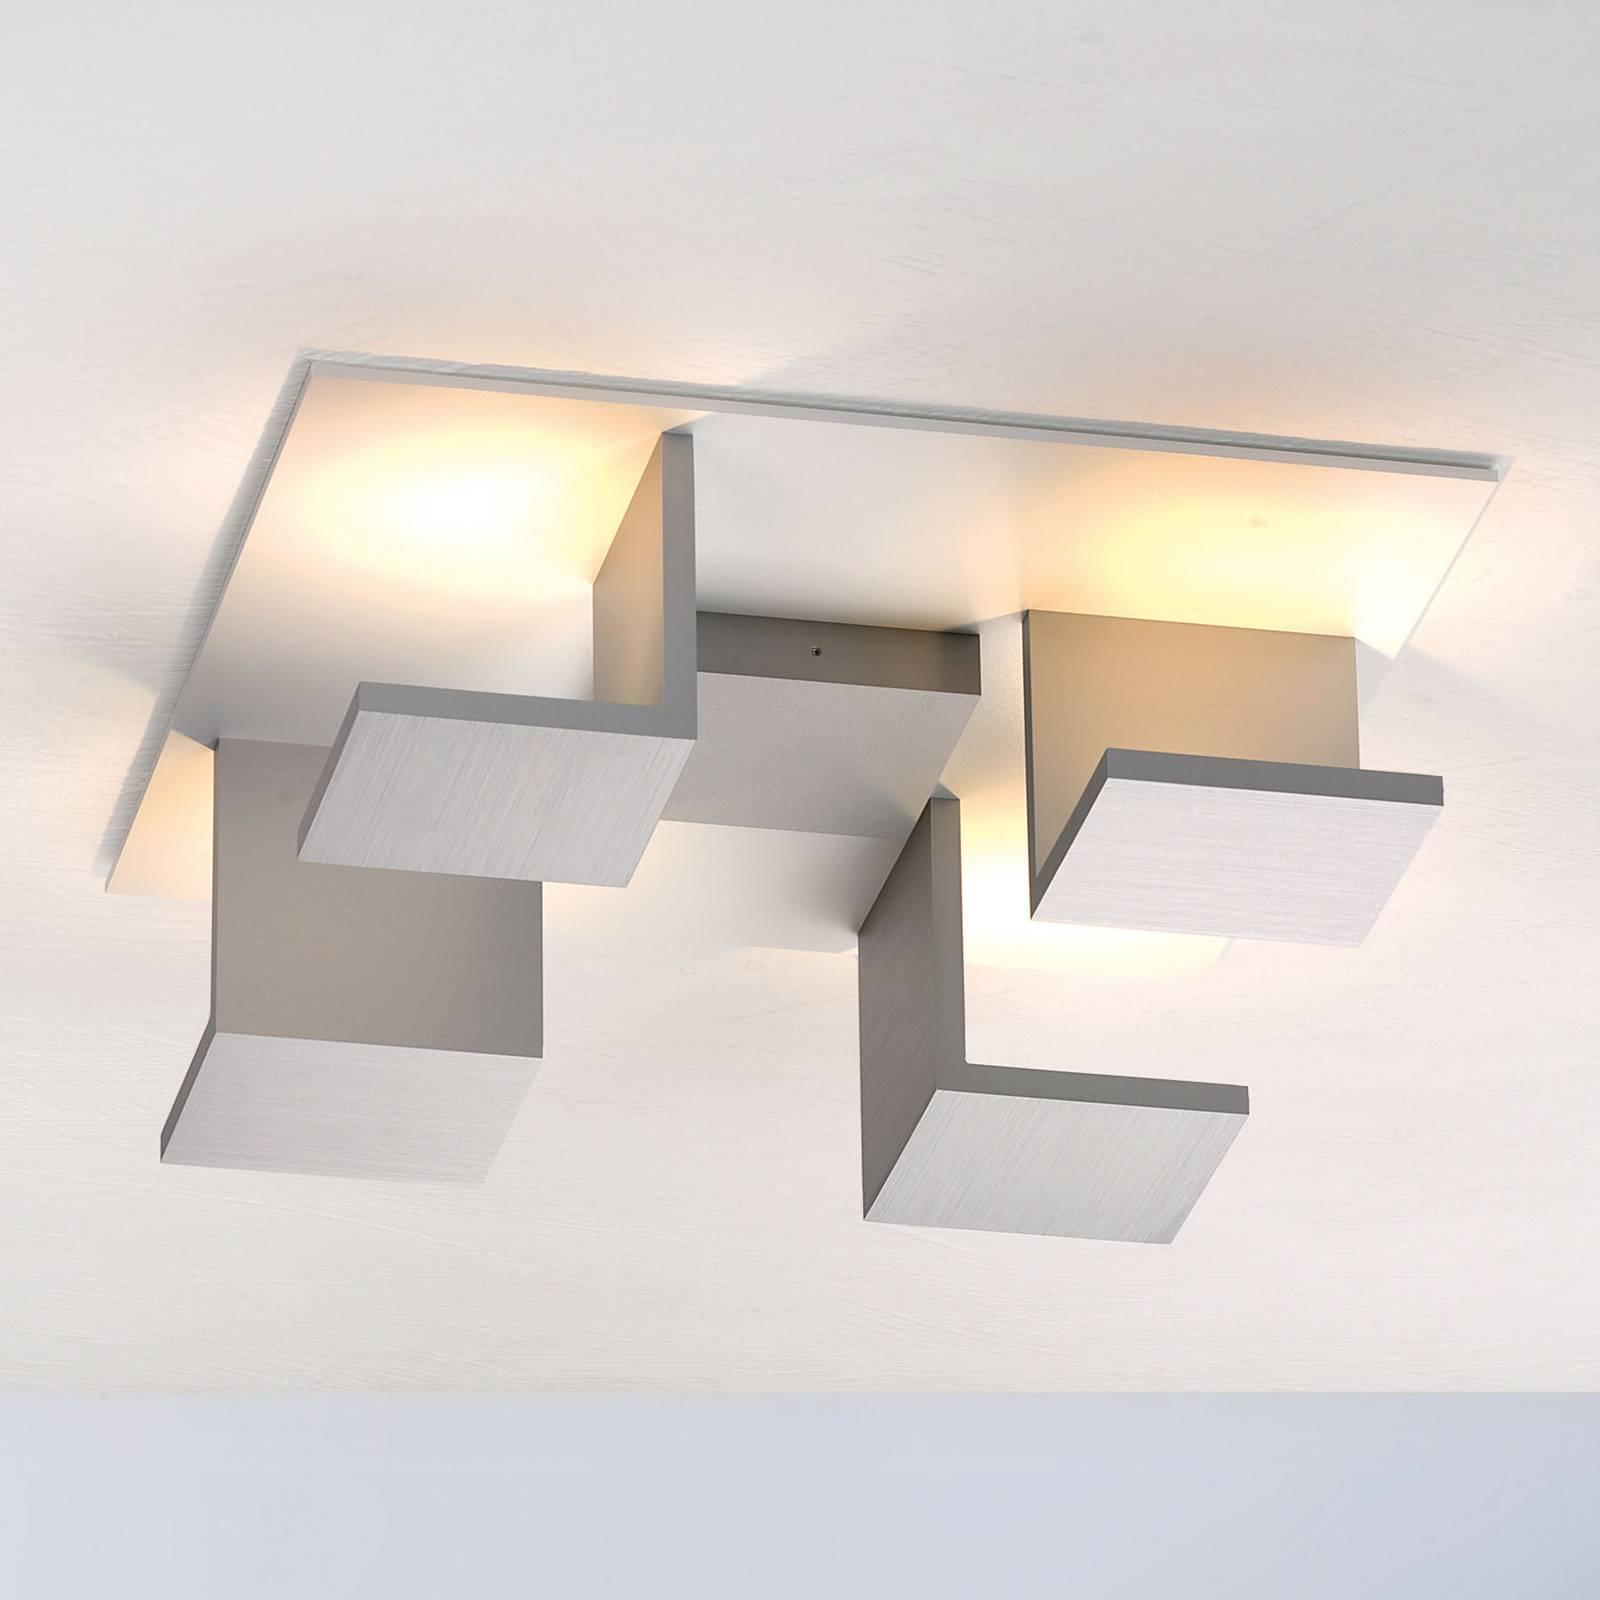 Bopp Reflections kattovalaisin neliö alumiini